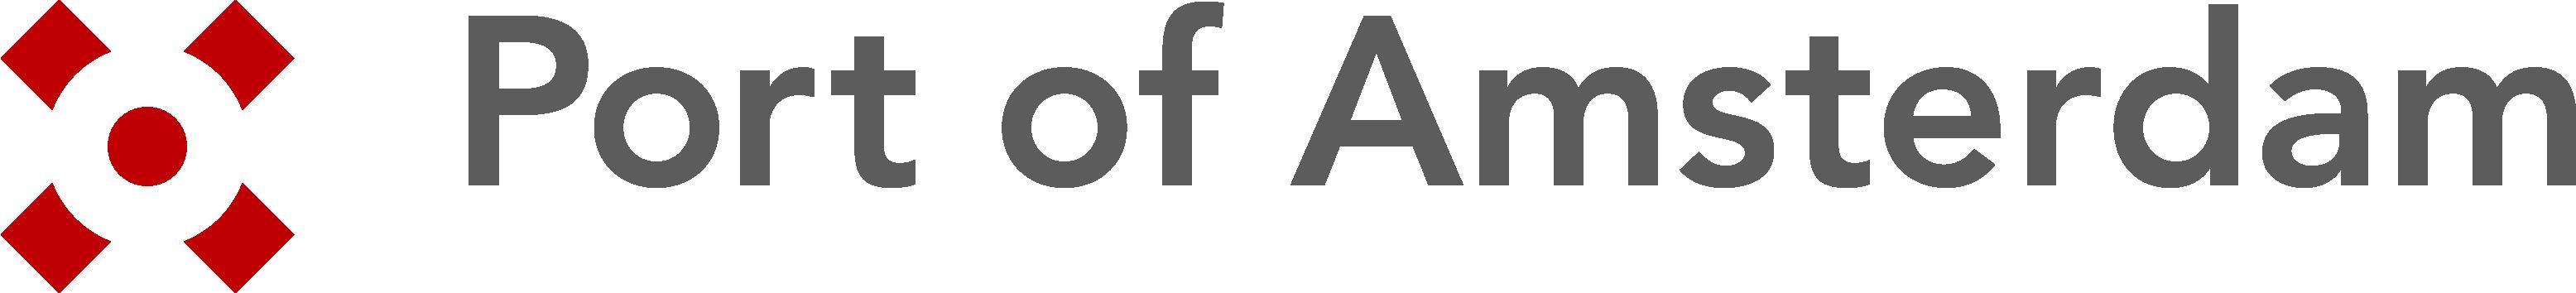 POA Logo RGB